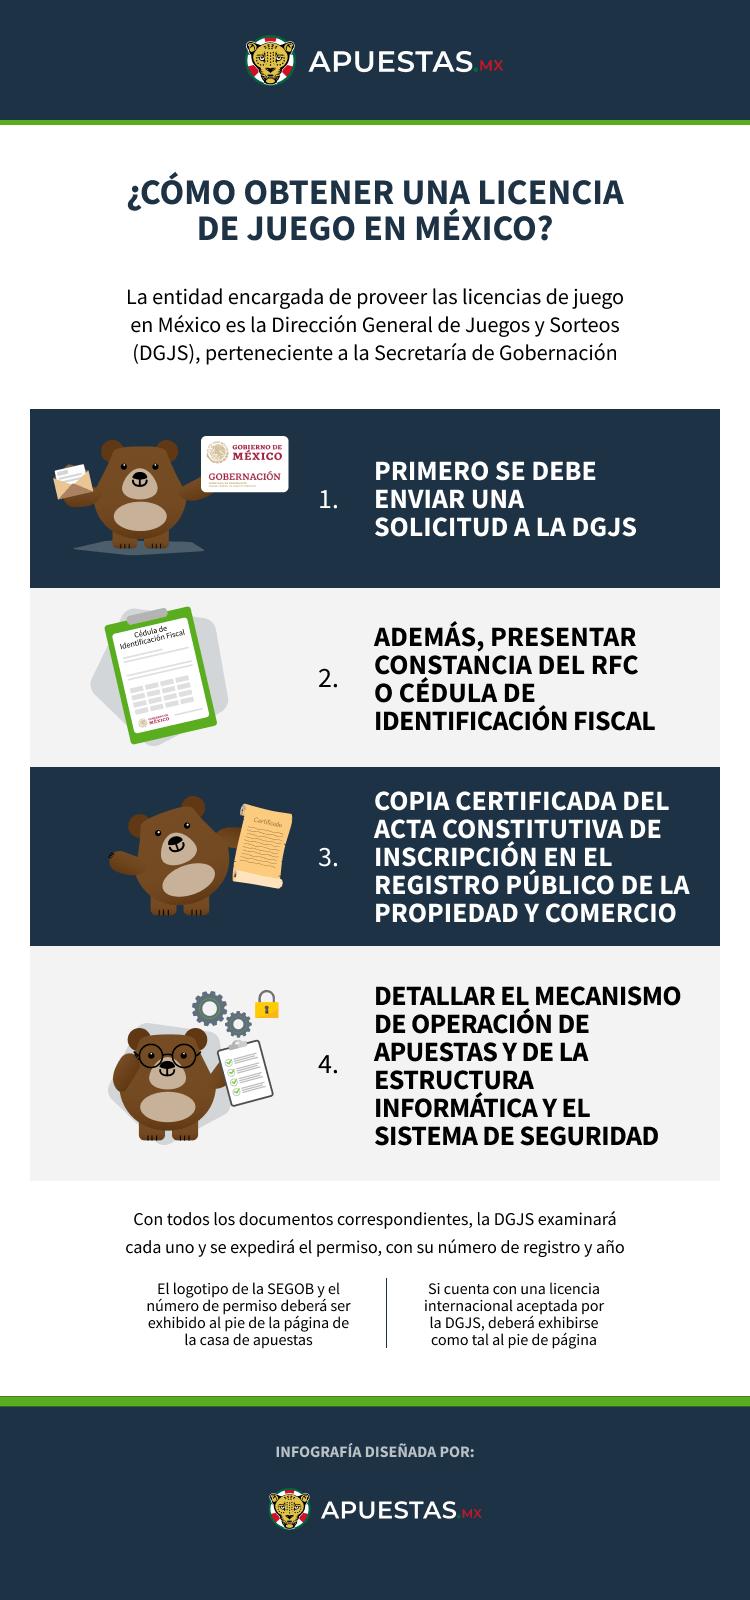 Infografia sobre requisitos de licencia para casas de apuestas en México